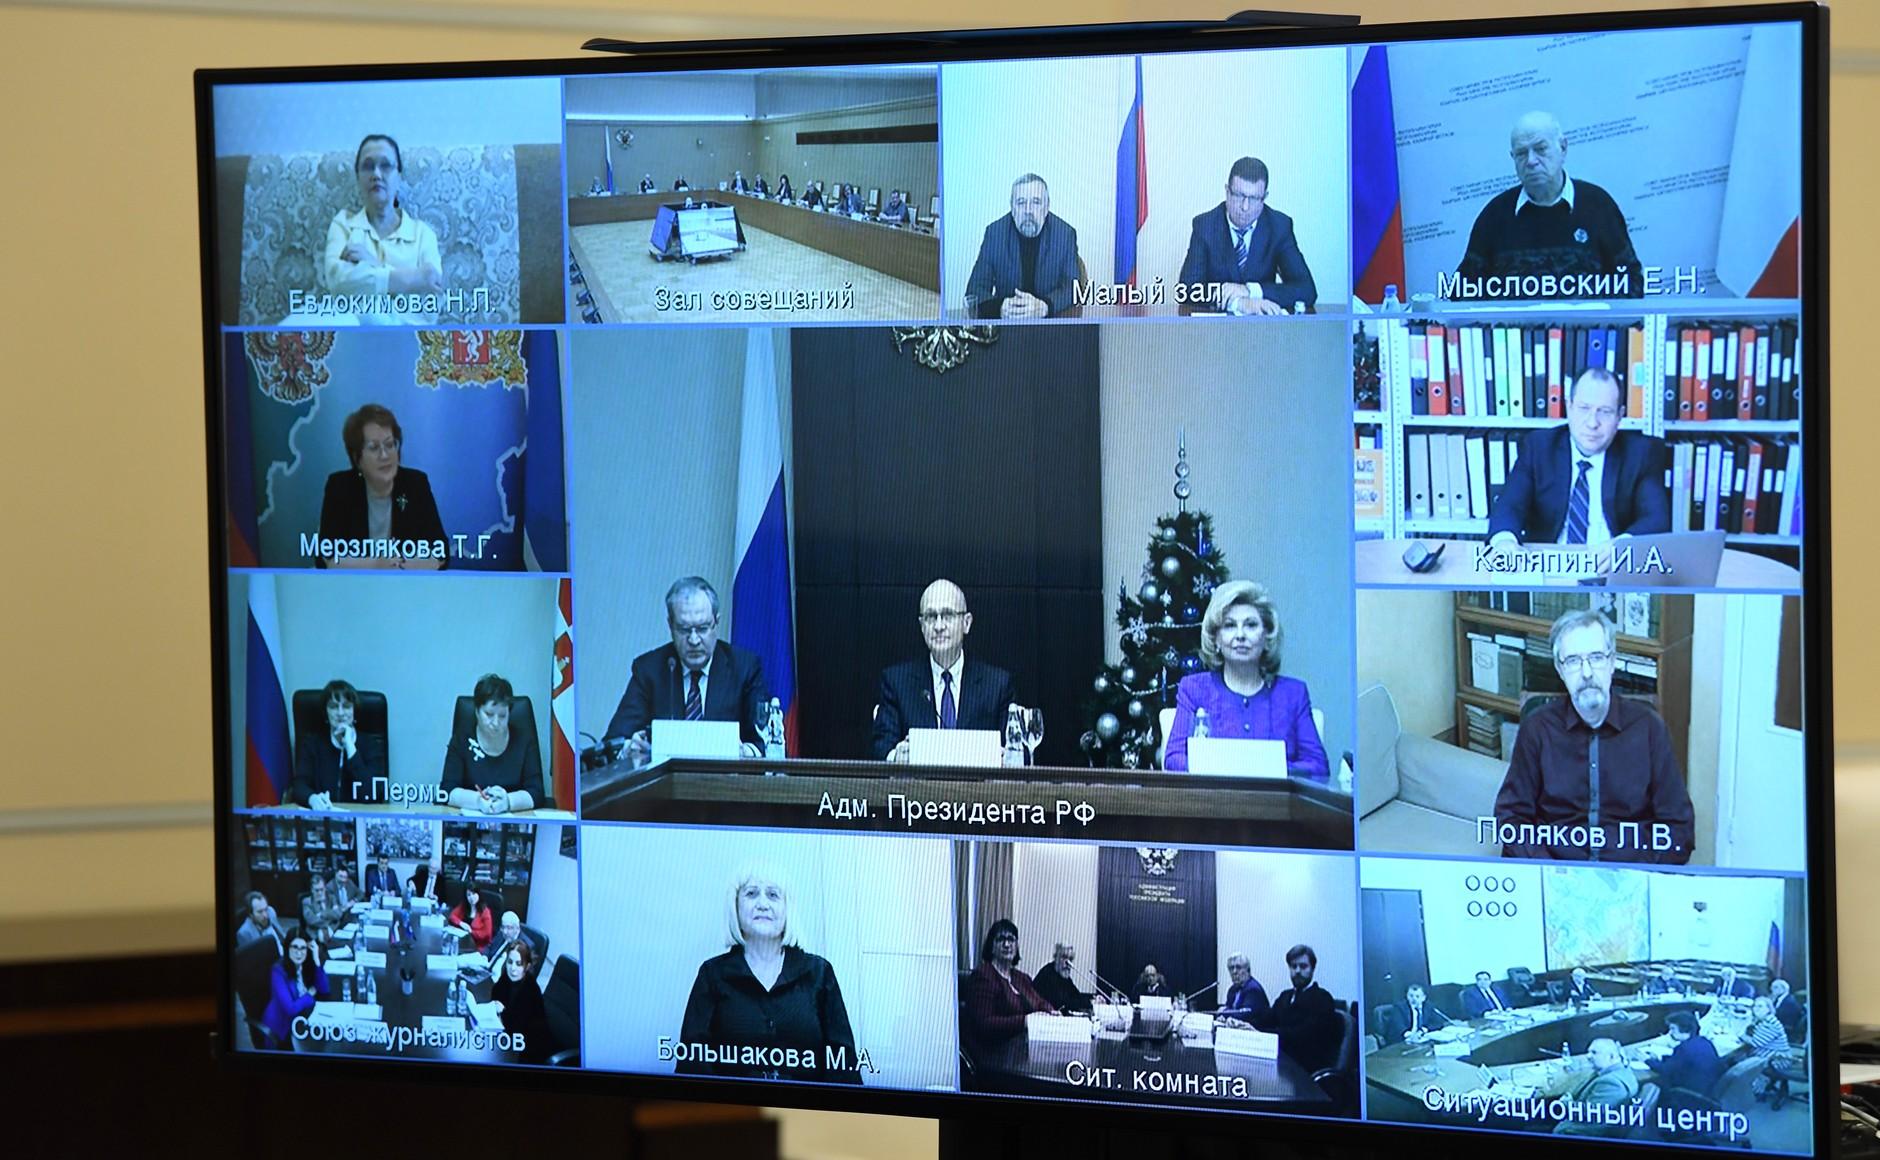 KREMLIN 2 PH 6 Réunion 10.12.2020 du Conseil de la société civile et des droits de l'homme du 10.12.2020